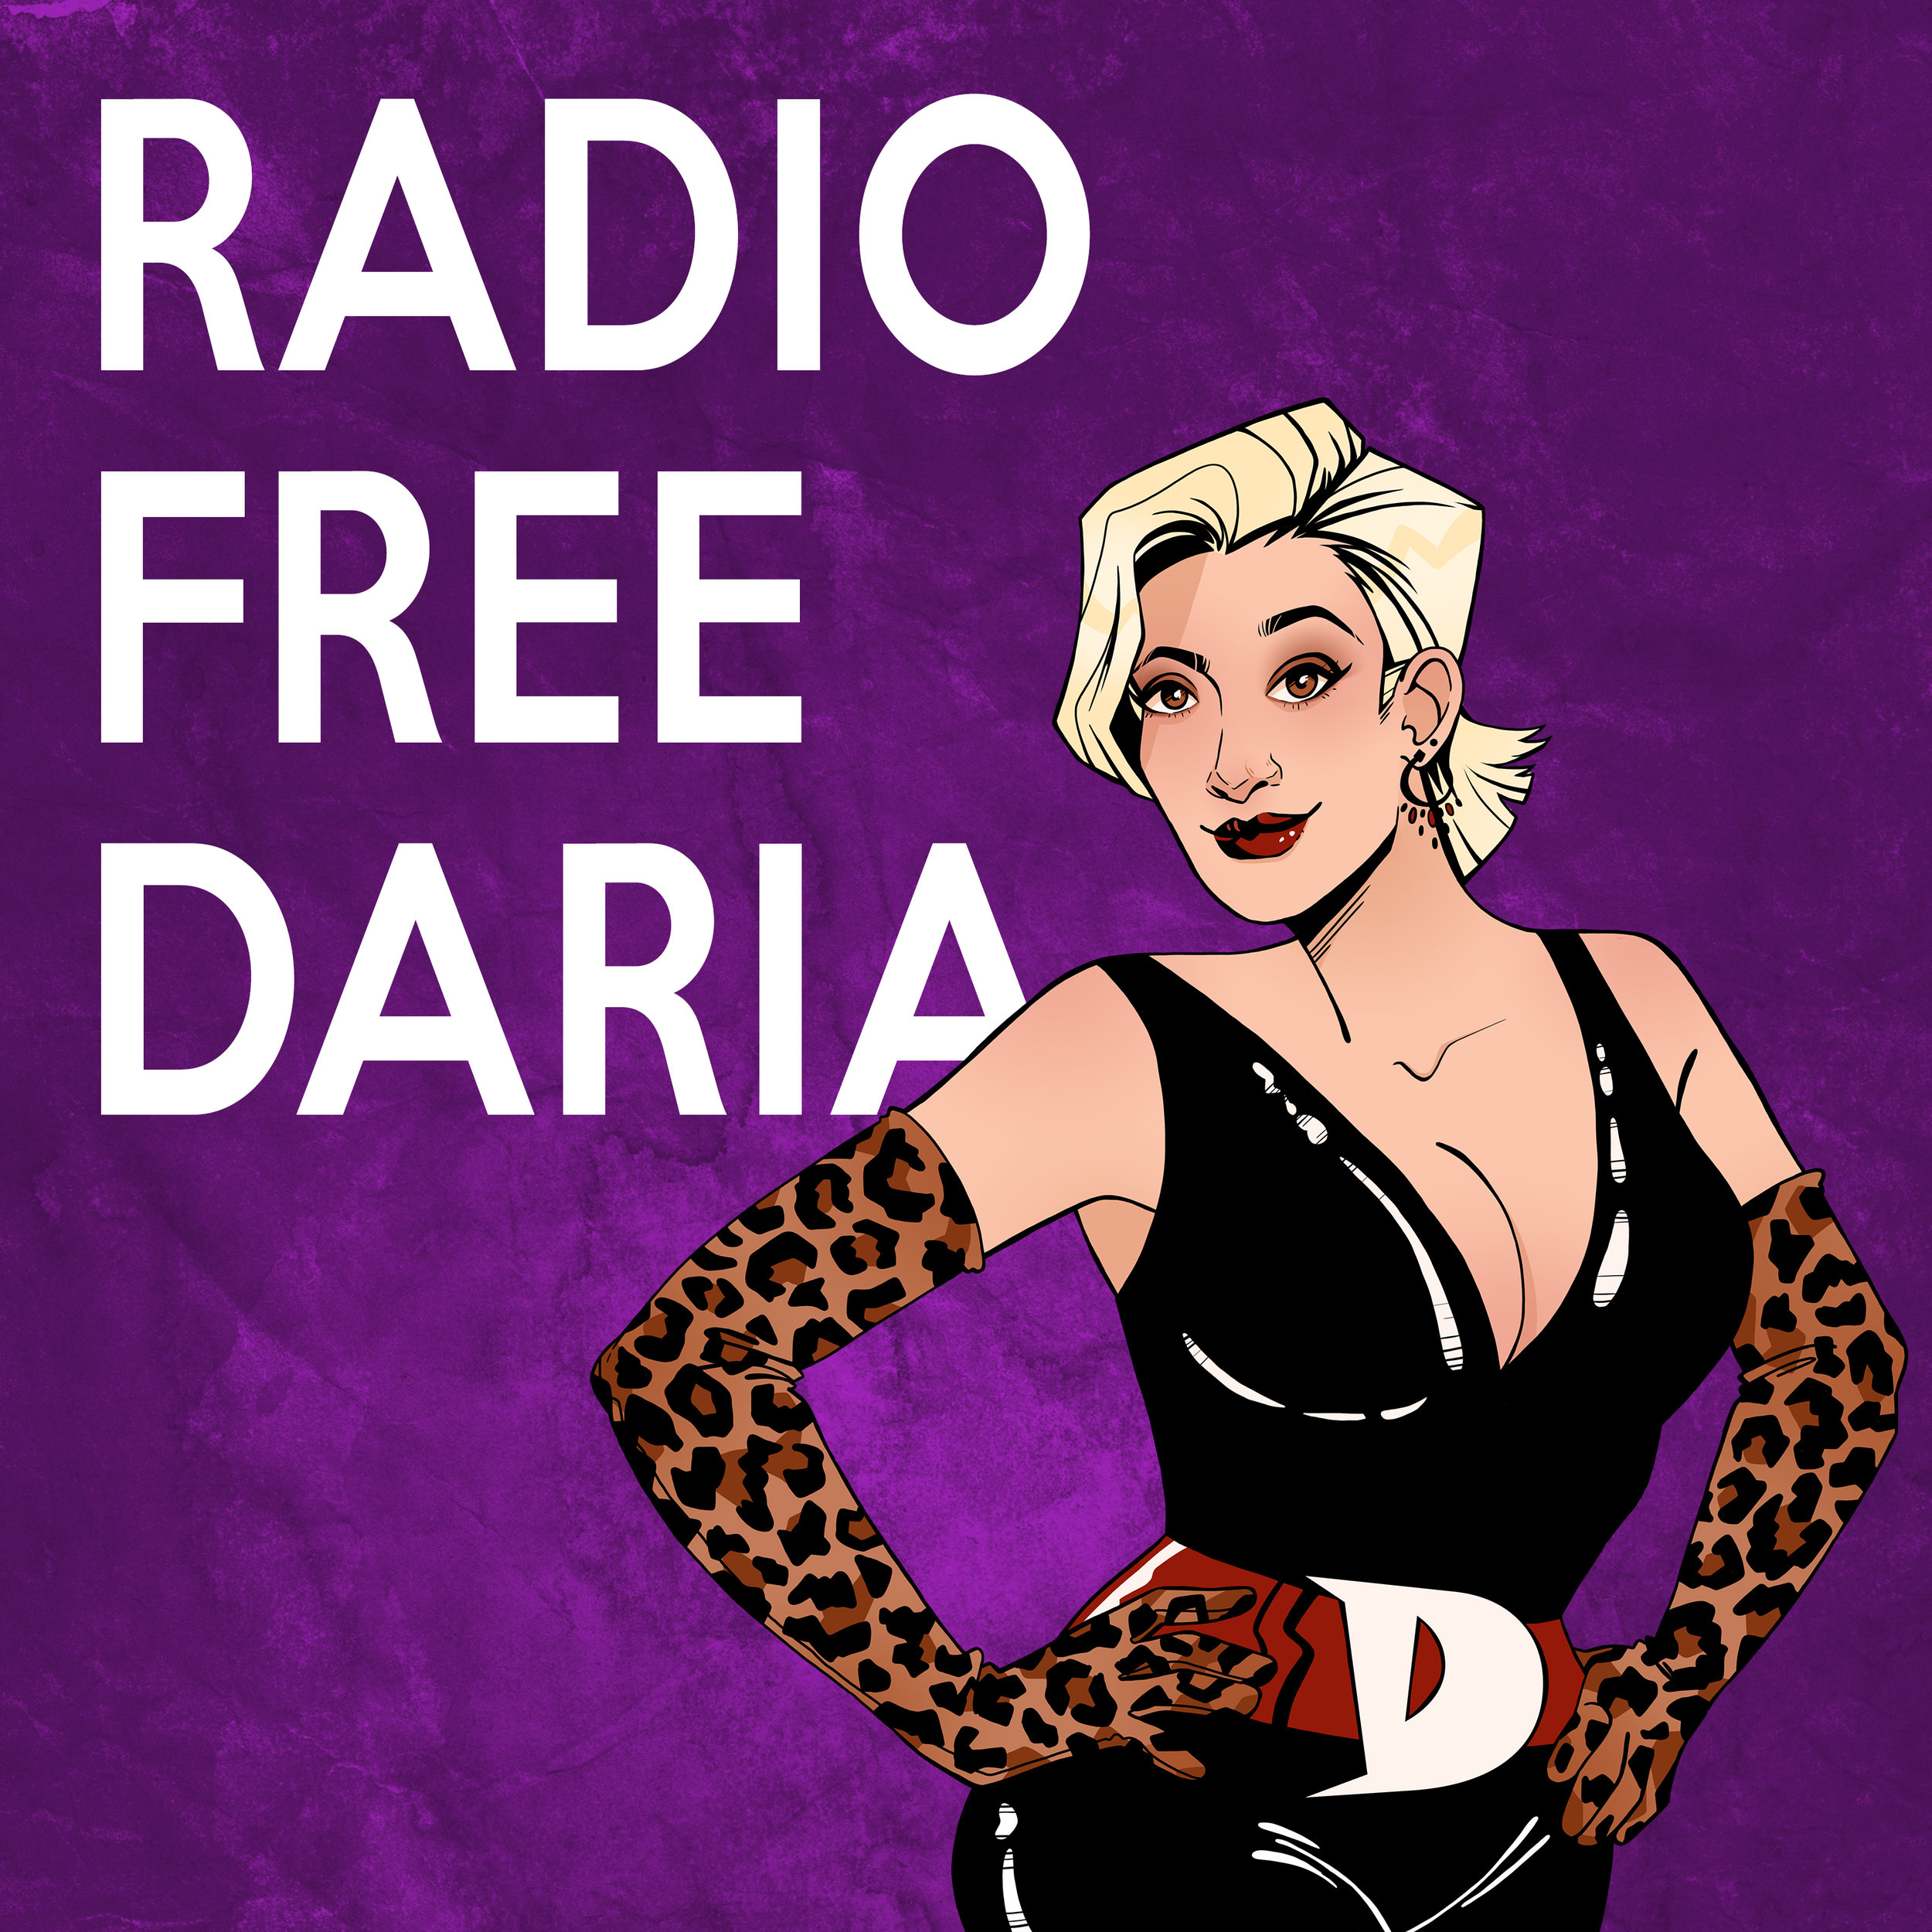 Radio Free Daria    Listen to Radio Free Daria